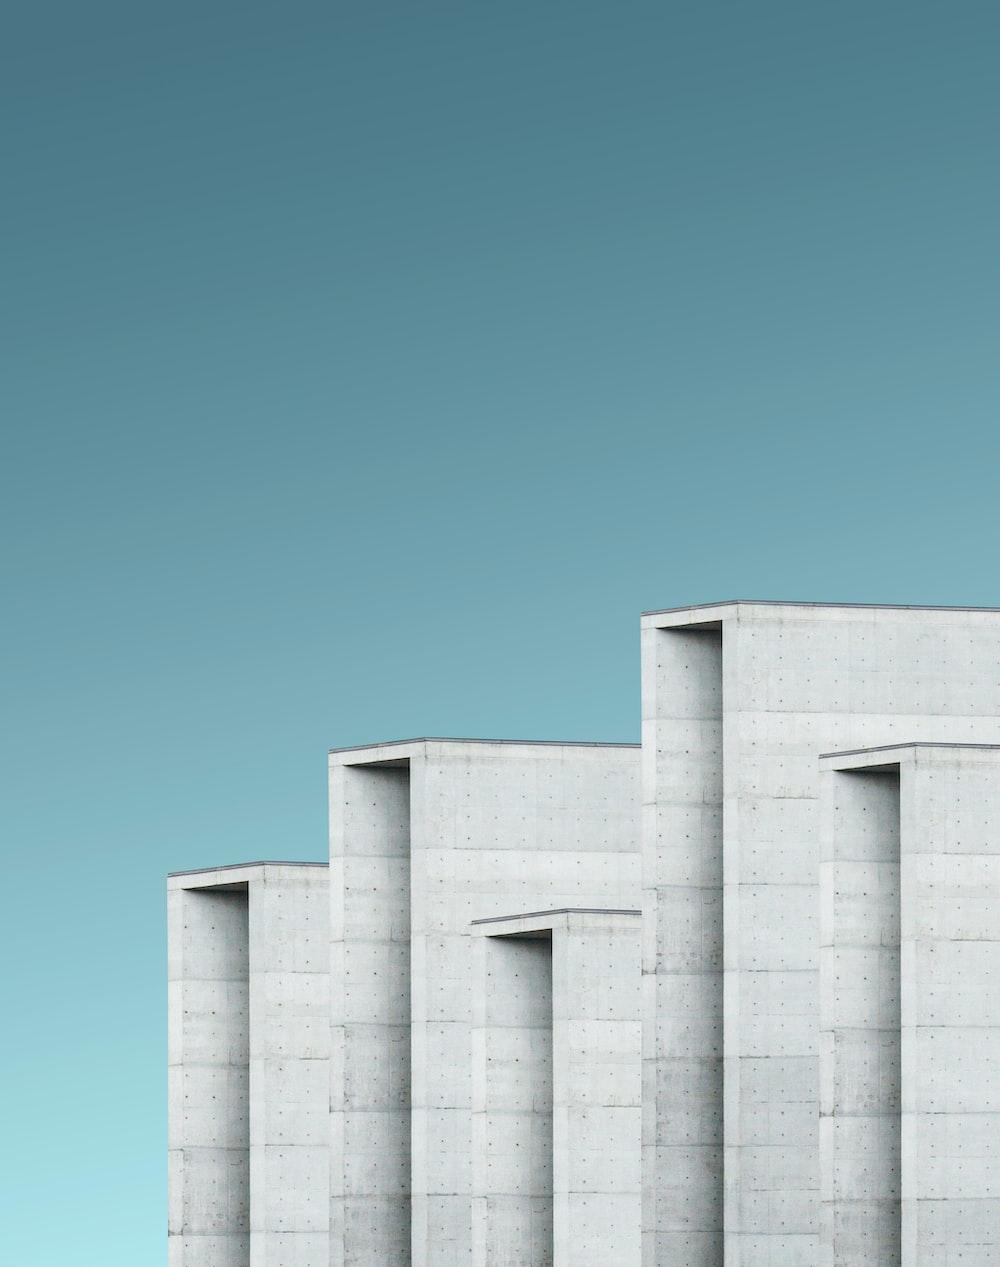 gray concrete monolith